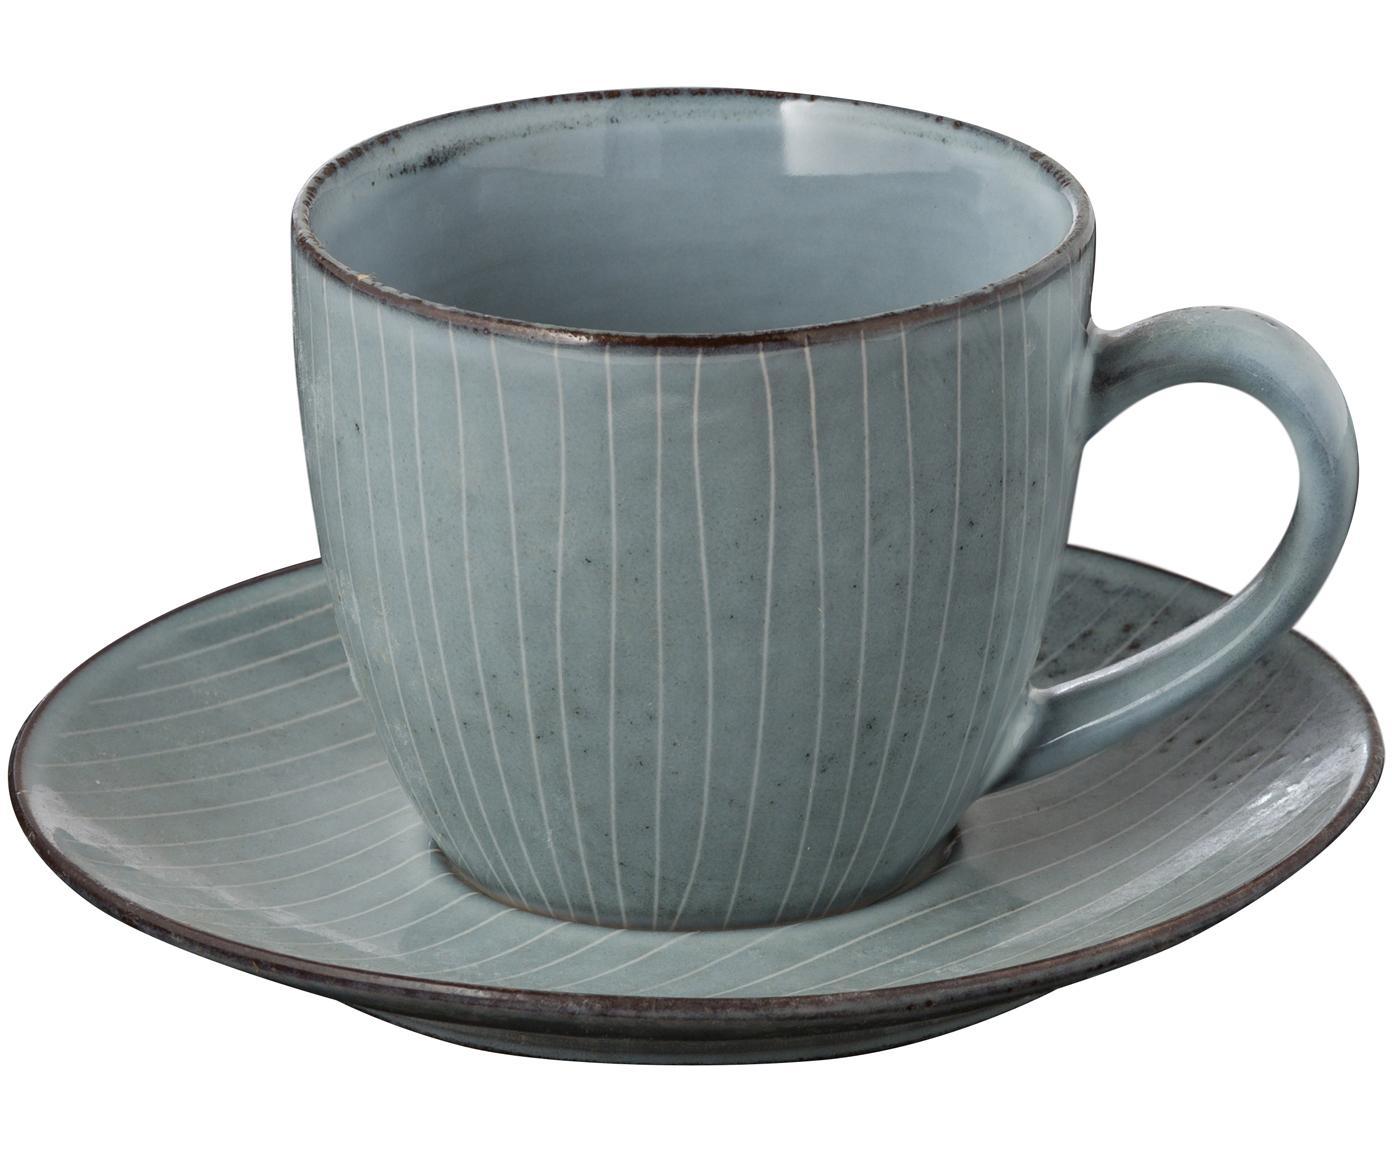 Handgemachte Tasse mit Untertasse Nordic Sea, Steingut, Grau- und Blautöne, Ø 8 x H 7 cm